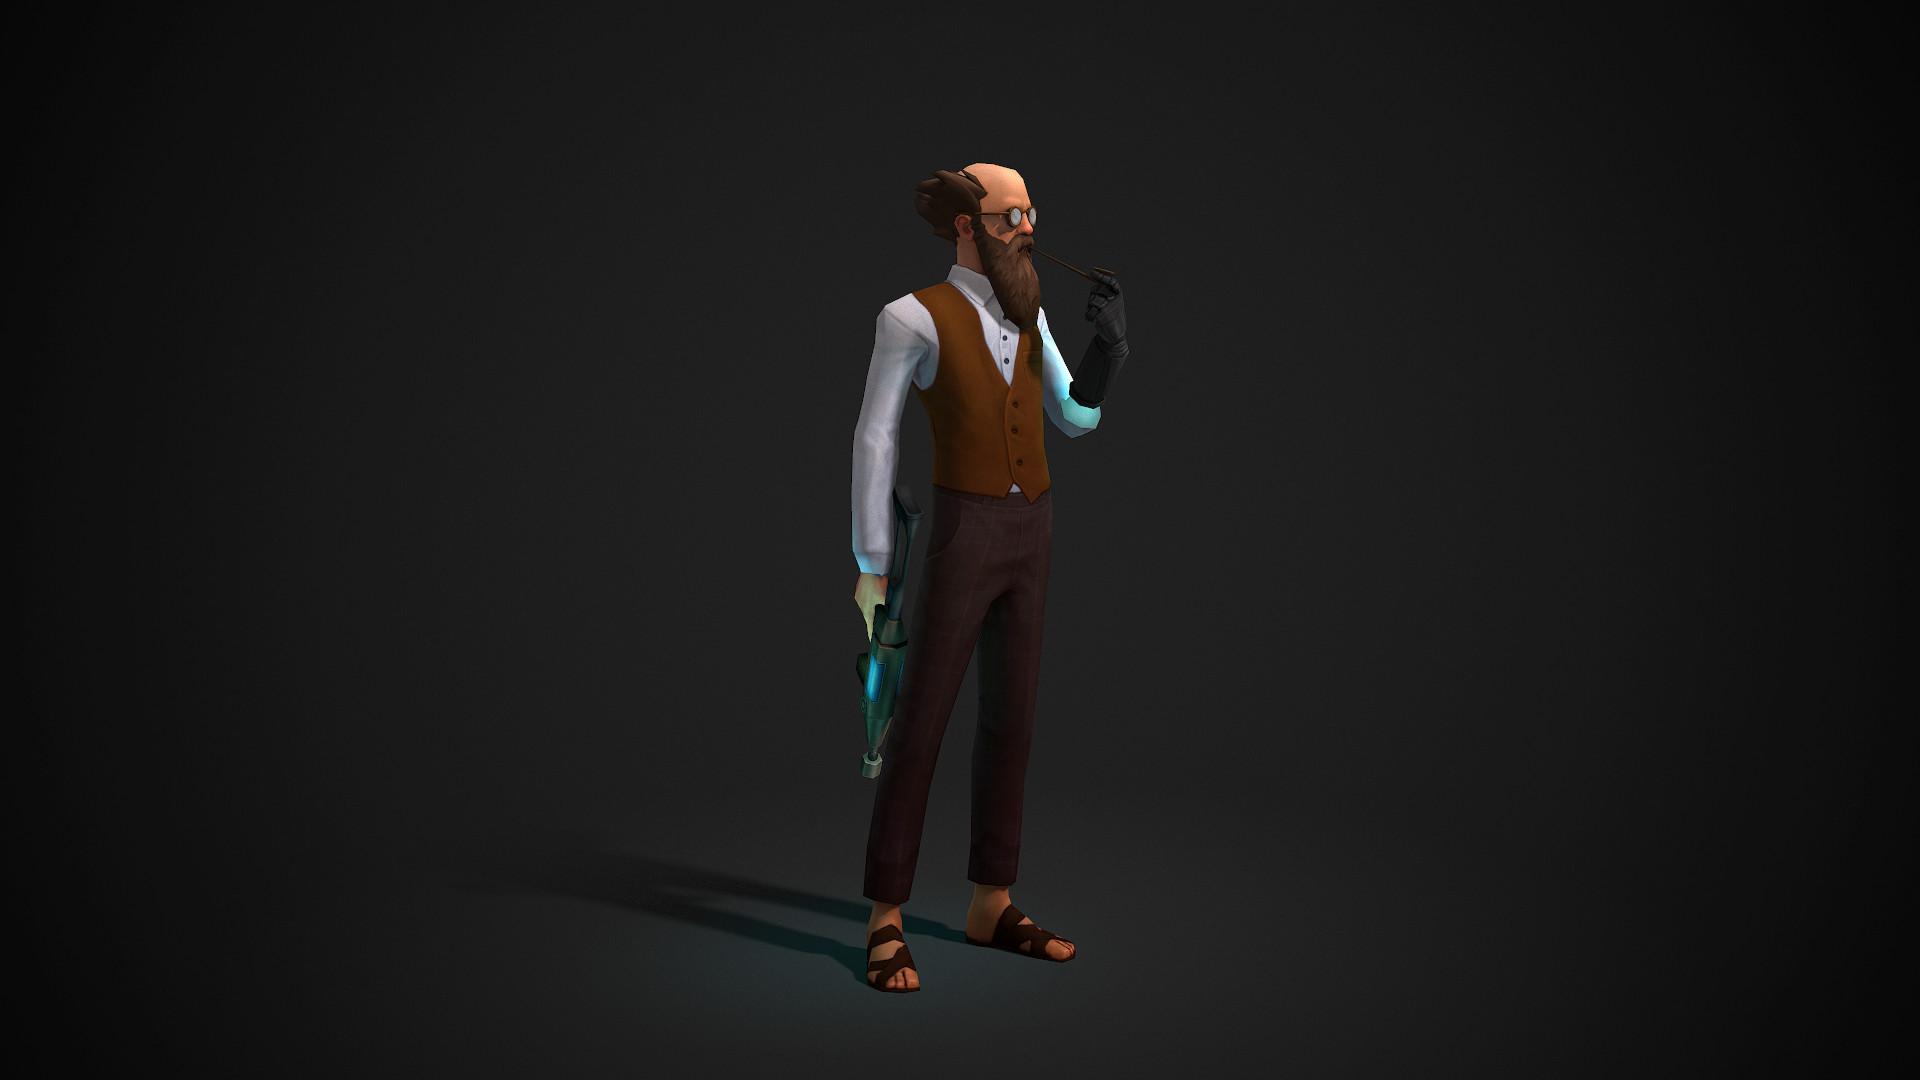 Raul barbosa screenshot006